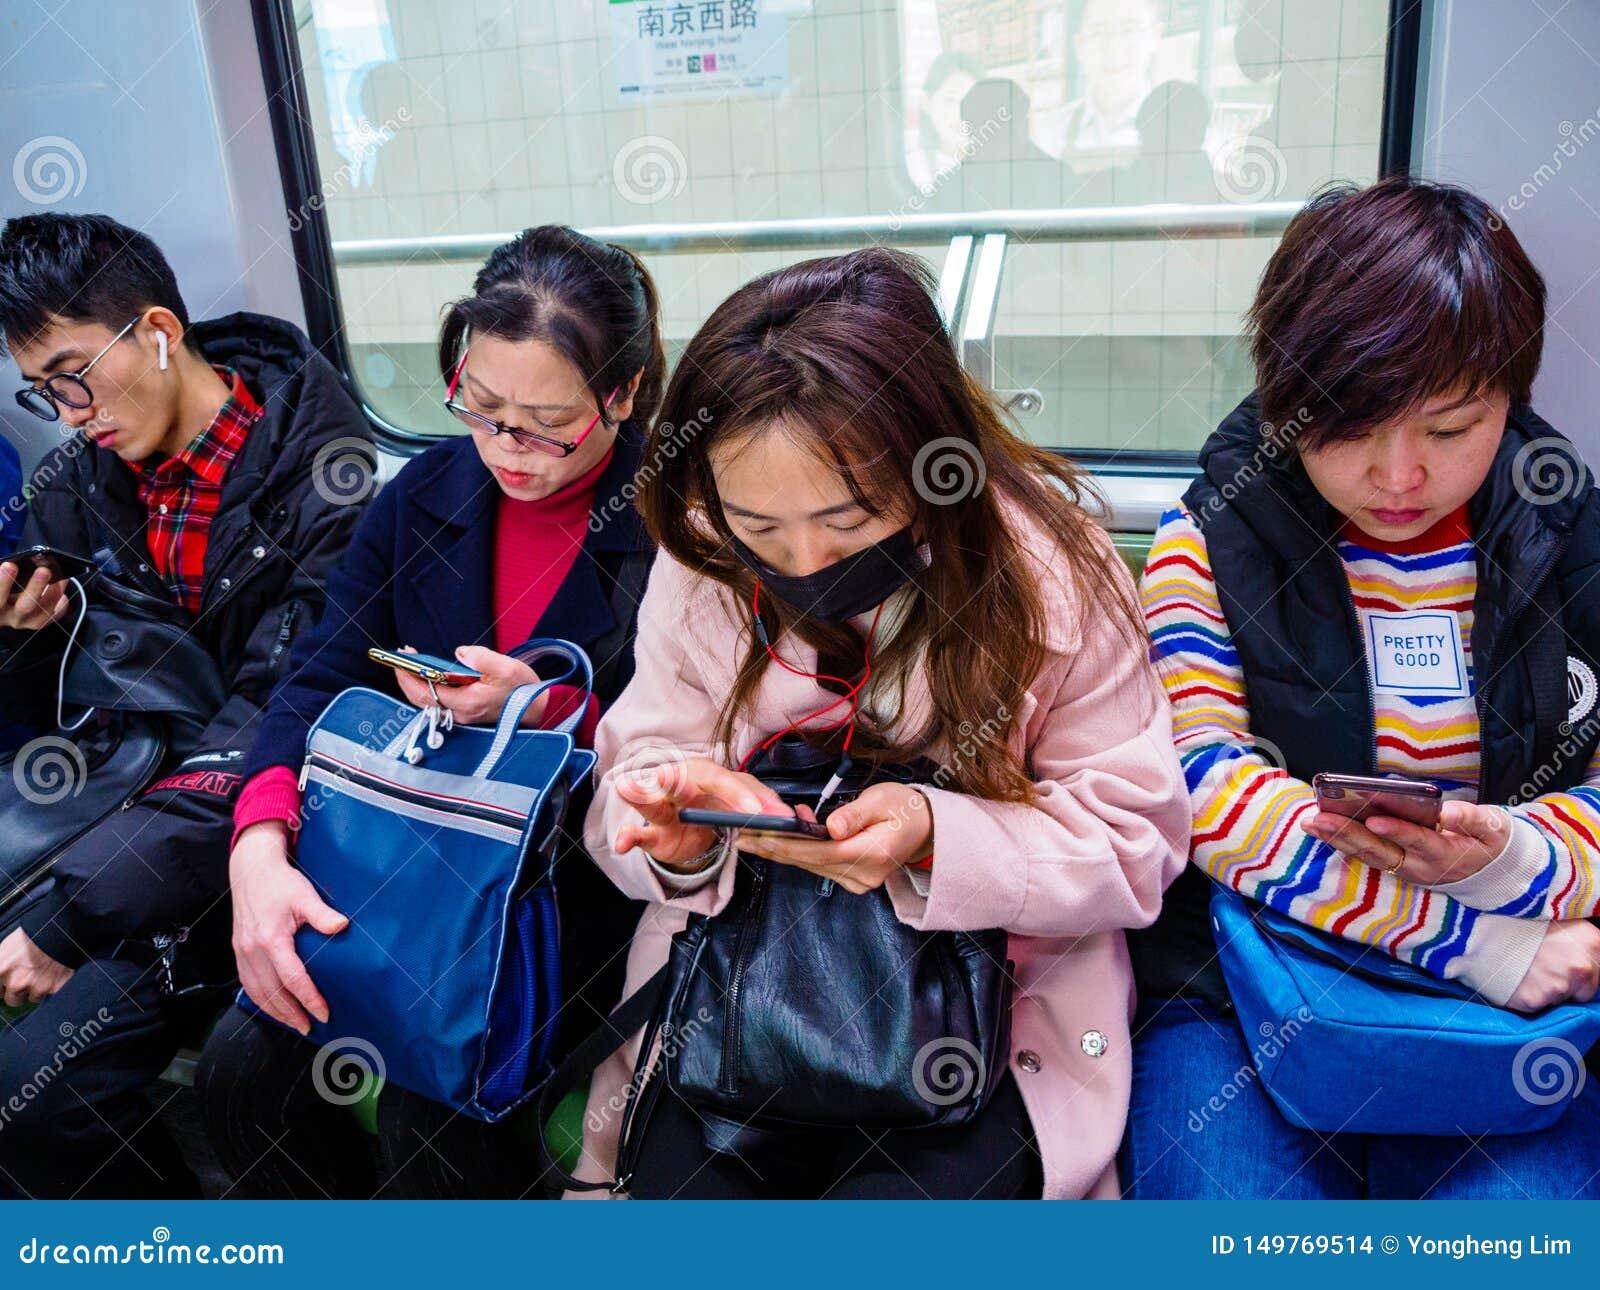 ШАНХАЙ, КИТАЙ - 12-ОЕ МАРТА 2019 - строка регулярных пассажиров пригородных поездов на метро Шанхая все на их смартфонах Китай им